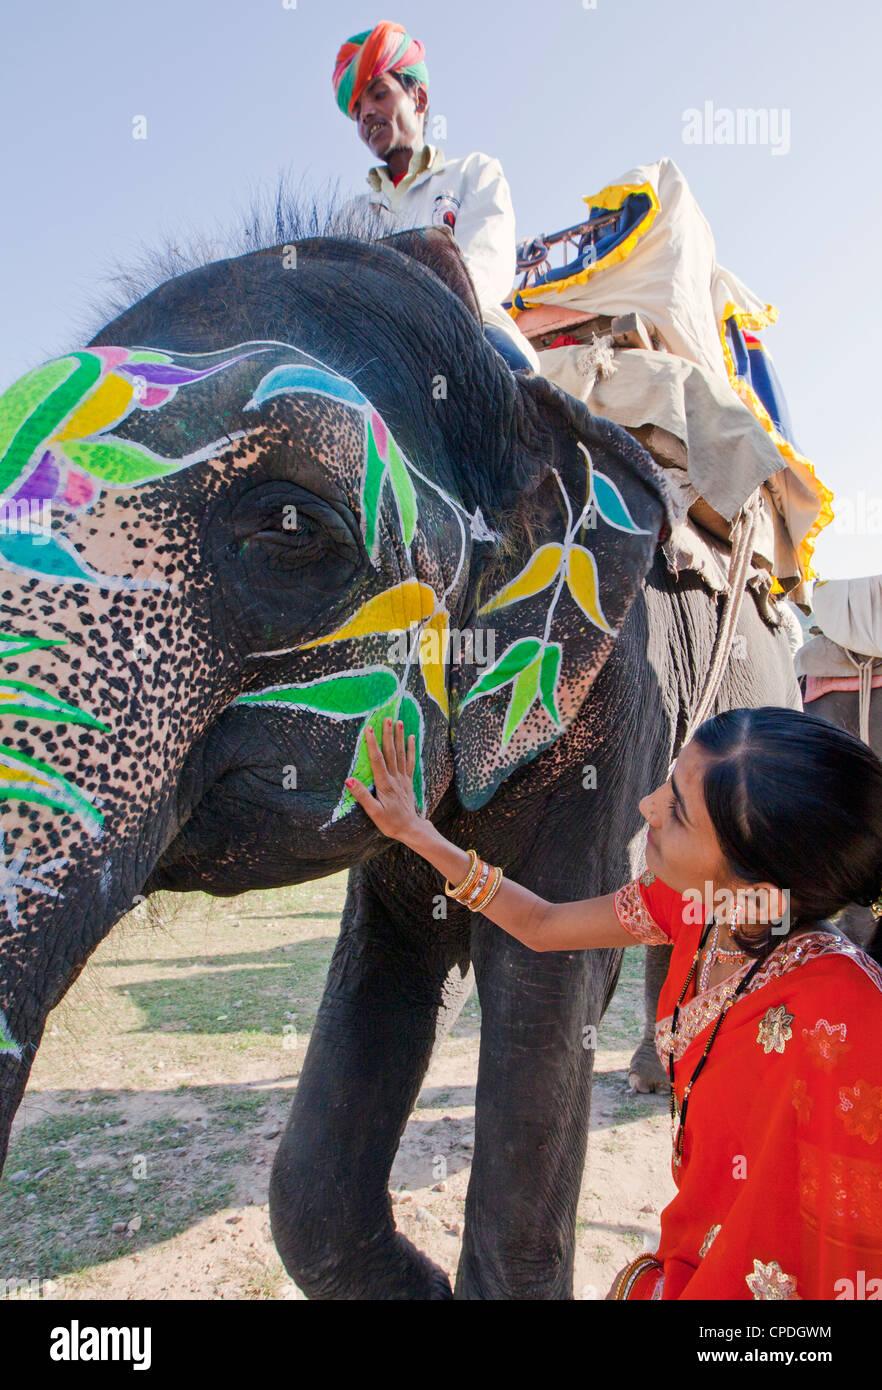 Femme en sari coloré peint avec un éléphant de cérémonie à Jaipur, Rajasthan, Inde, Photo Stock